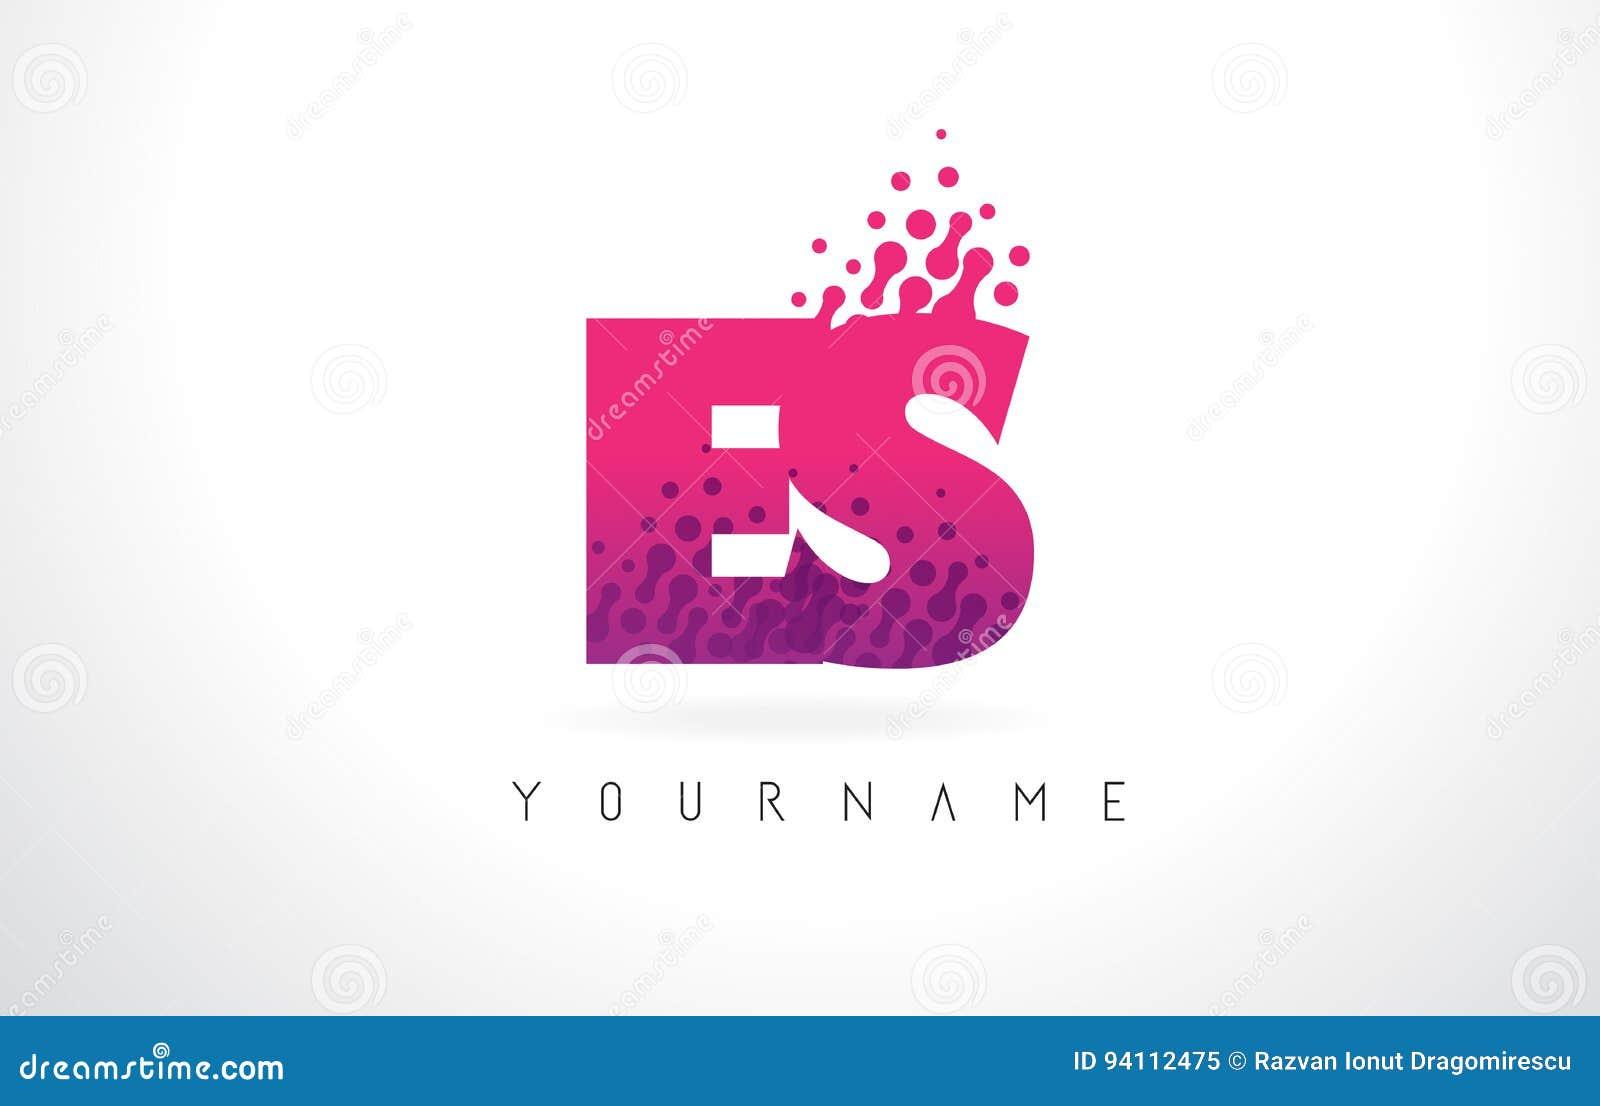 ES E S Letter Logo With Pink Purple Color And Particles Dots Des ...